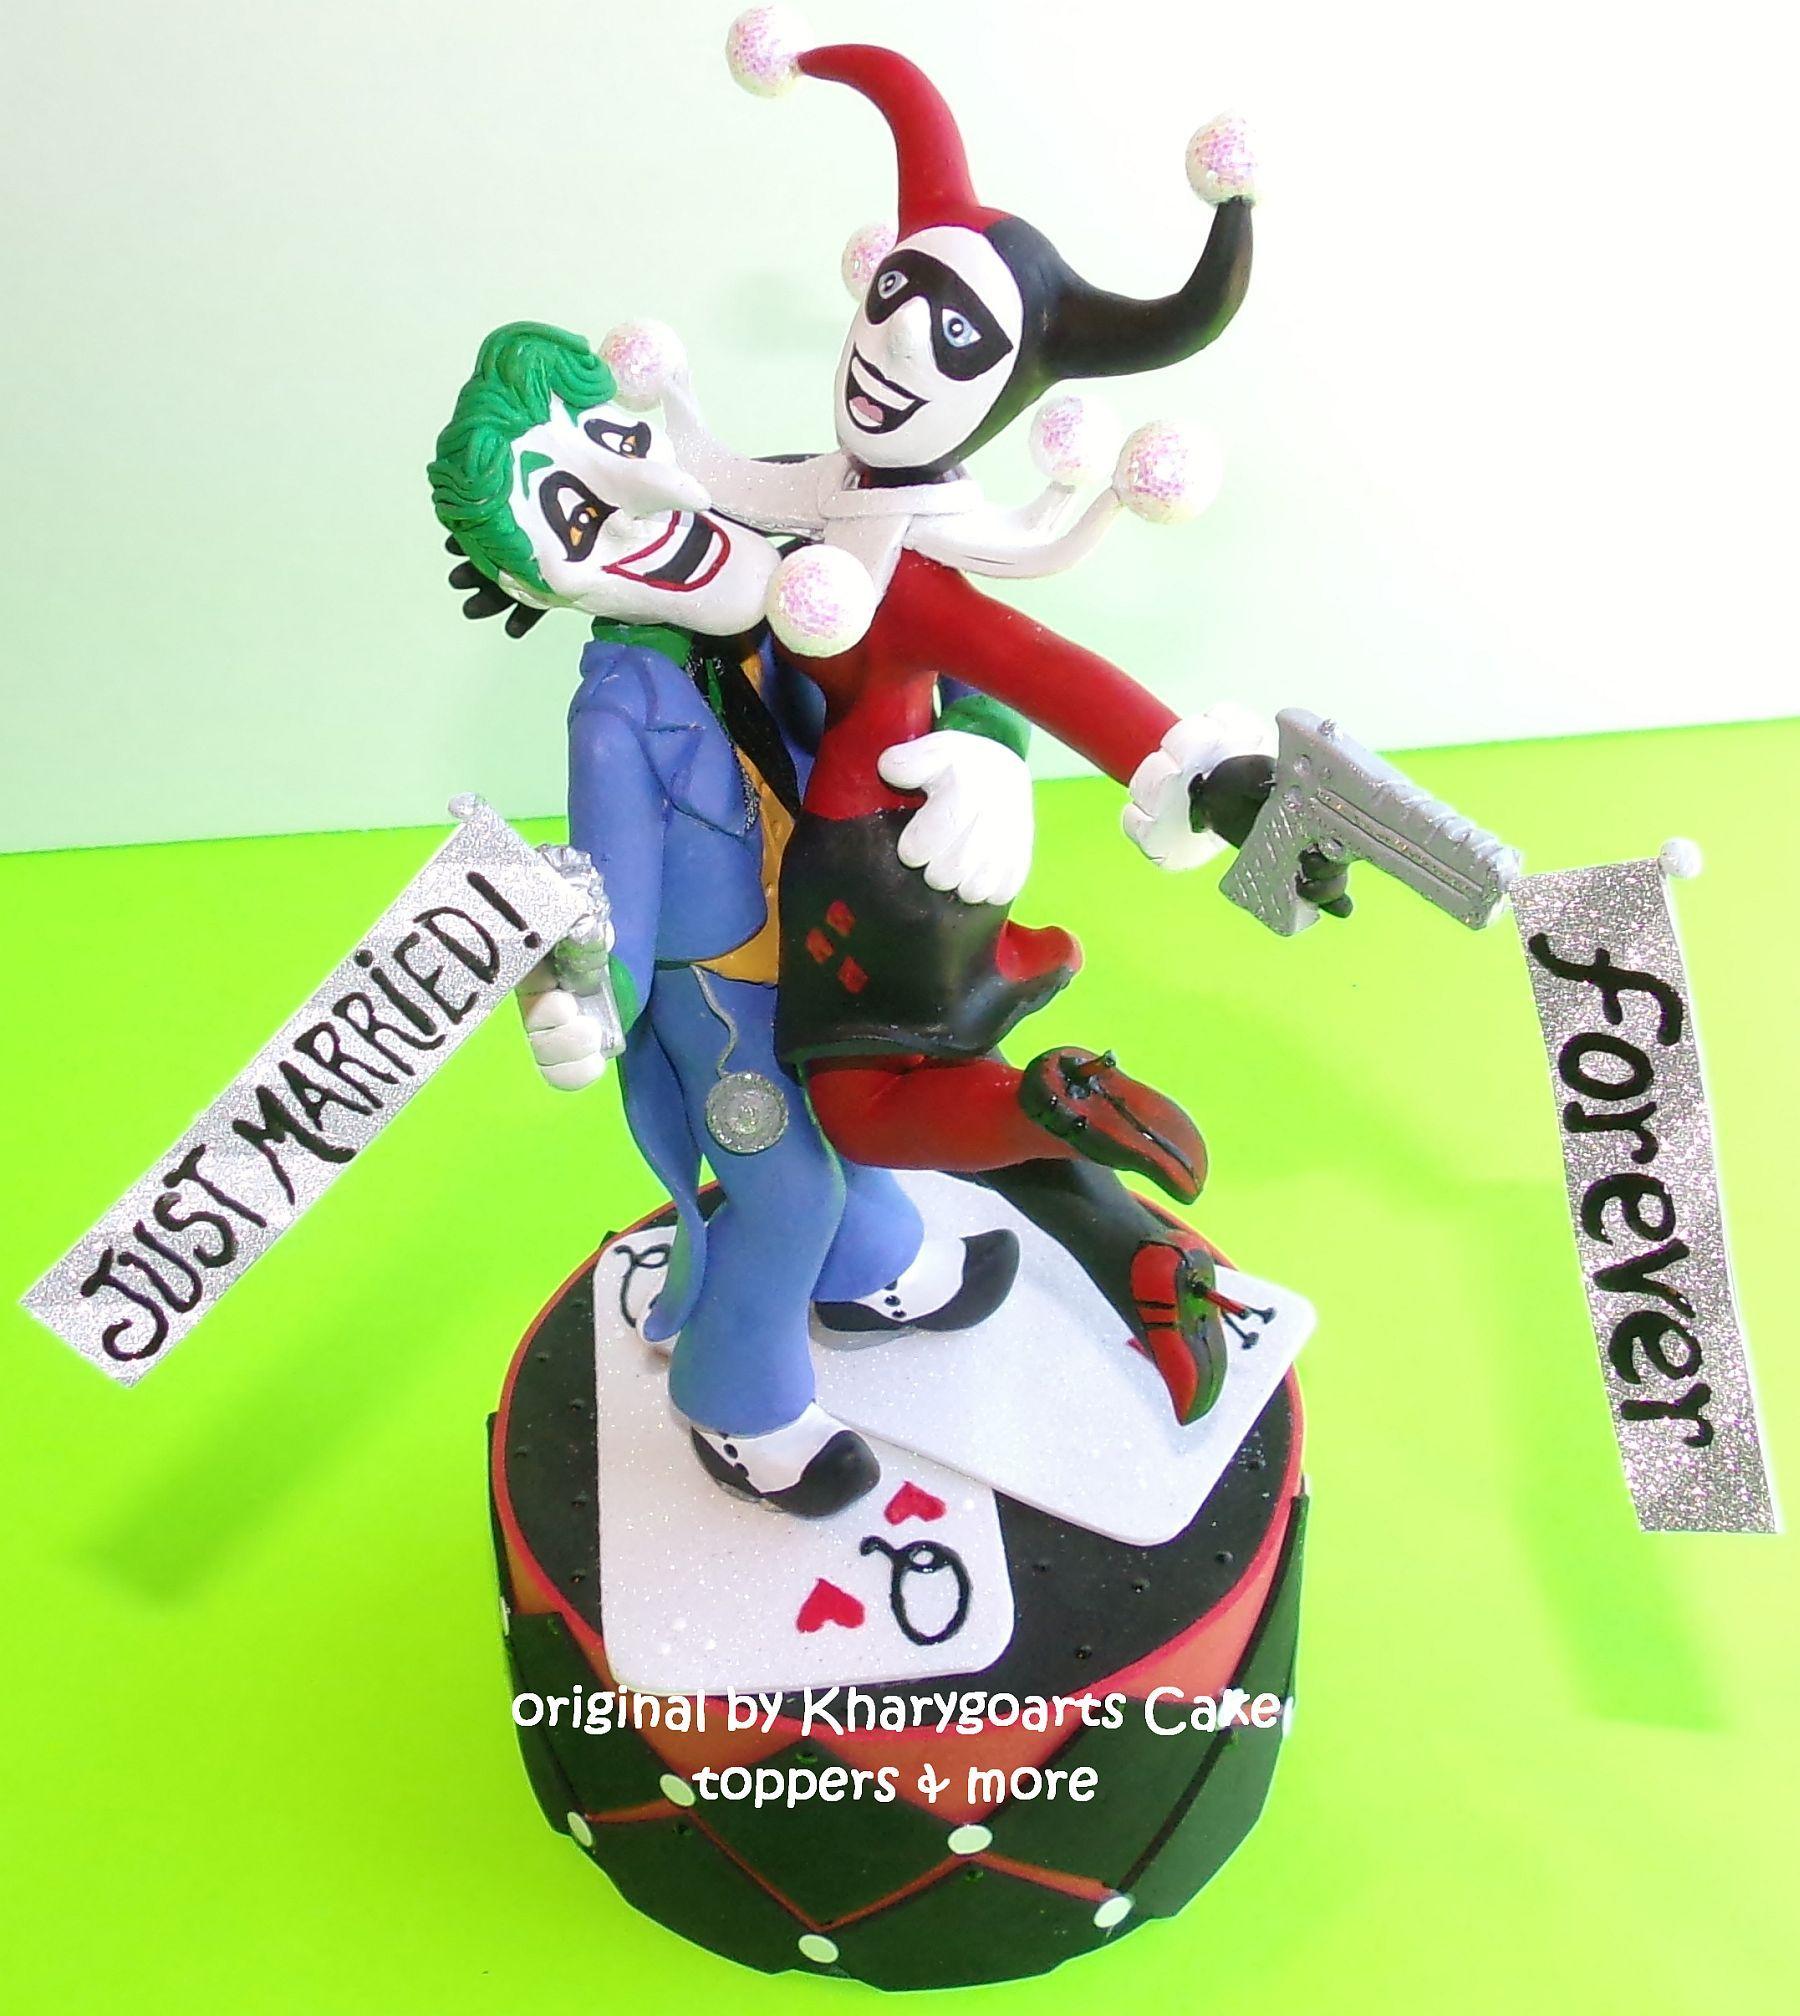 Handmade The Joker And Harley Quinn Wedding Cake Topper By